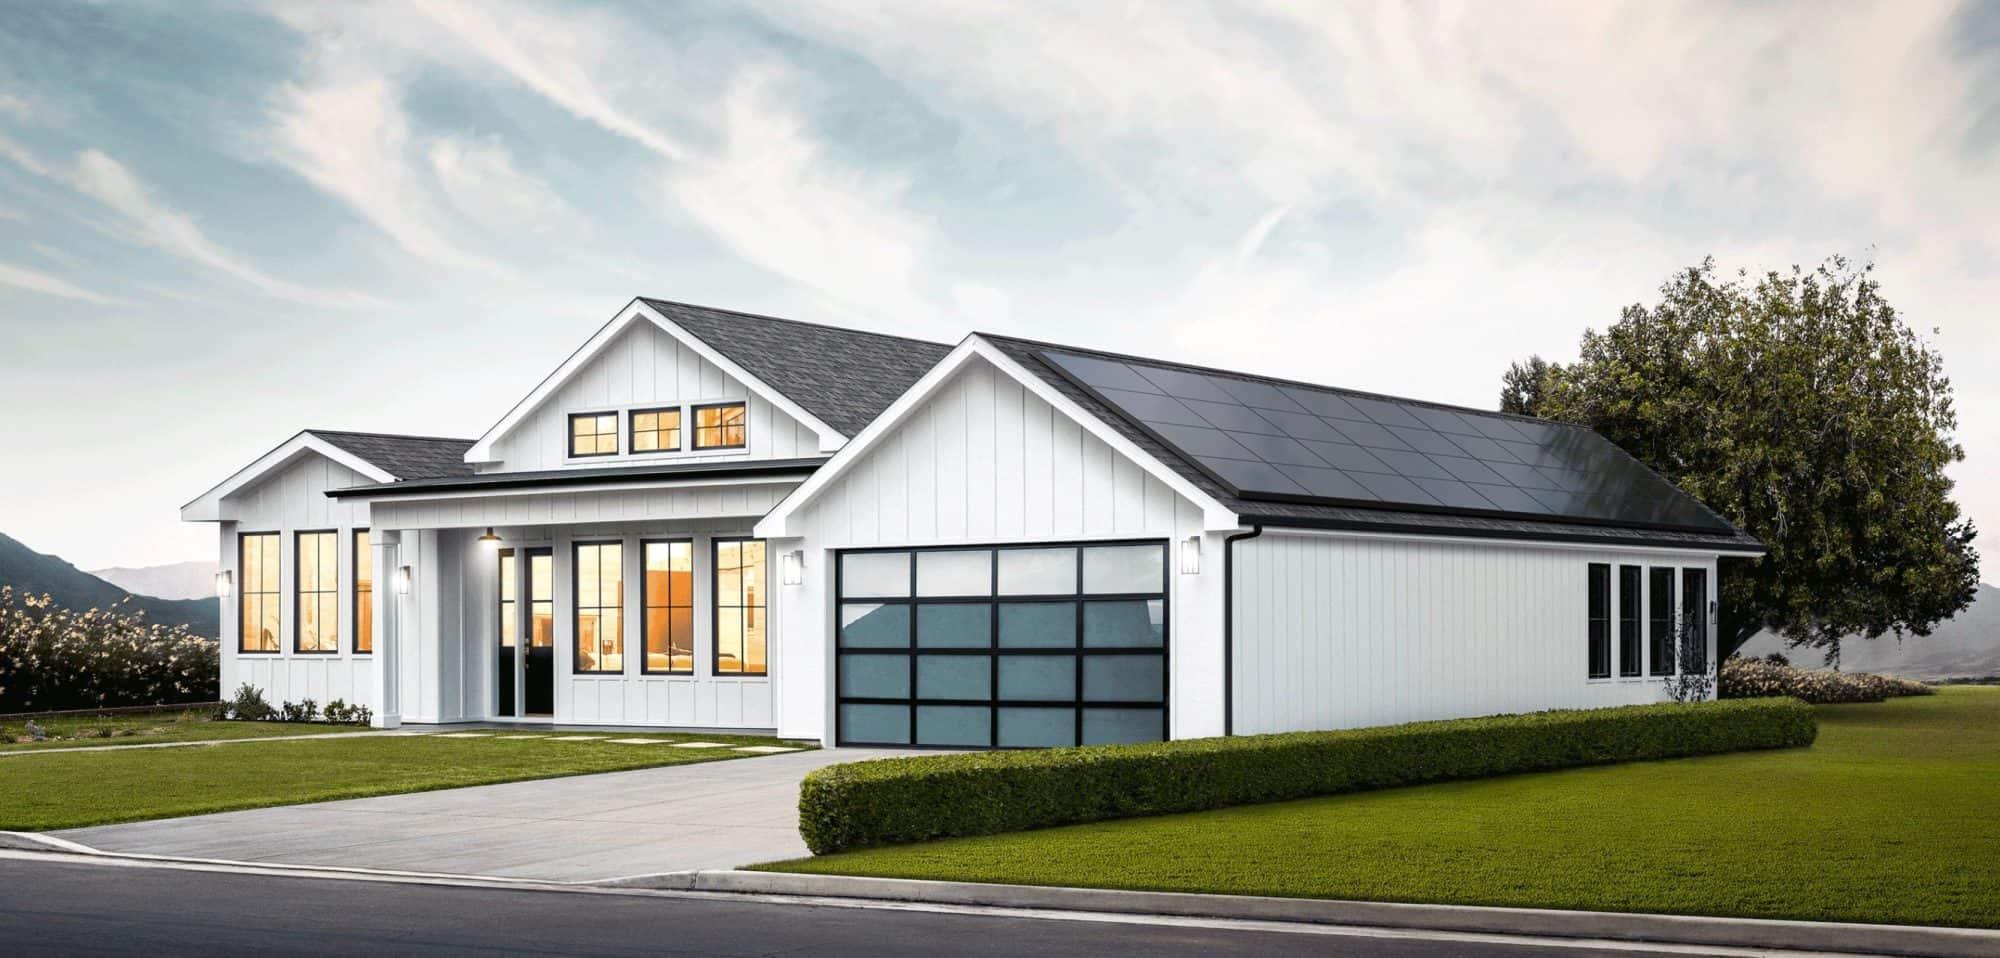 Tesla starts Solar price matching